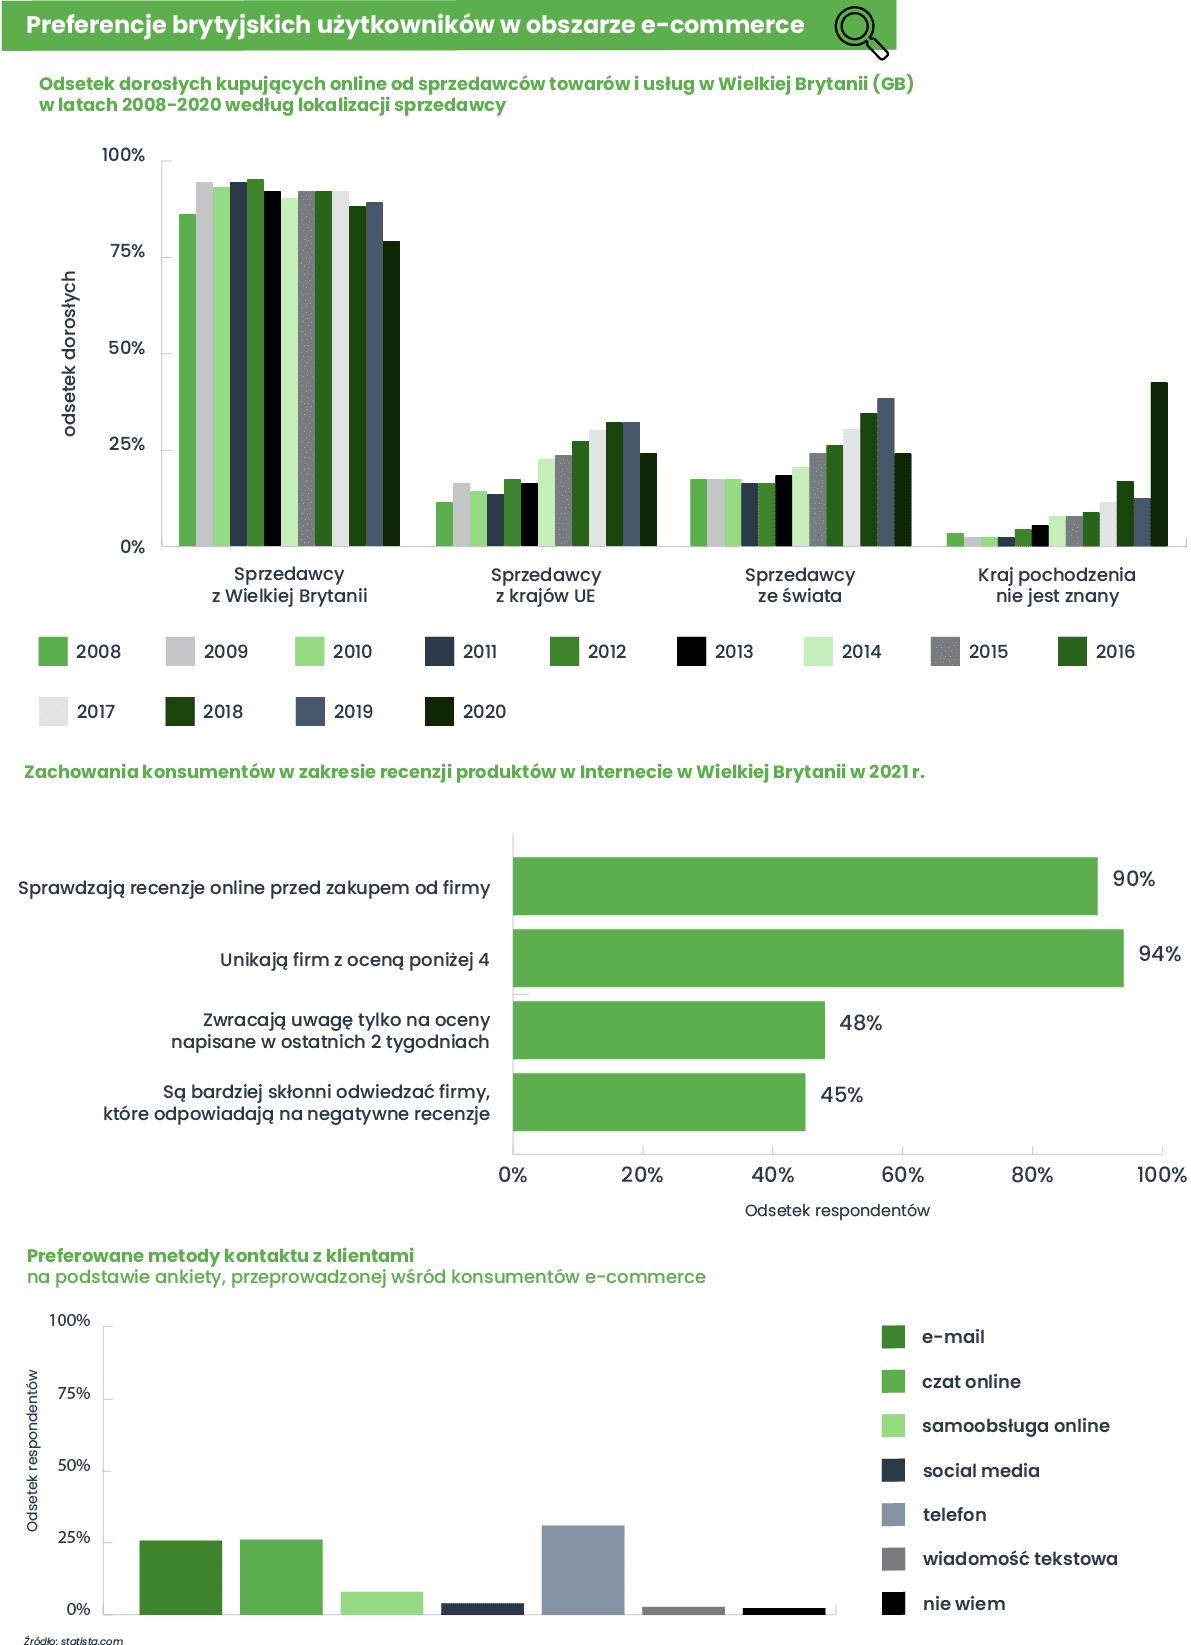 preferencje użytkowników e-commerce w Wielkiej Brytanii